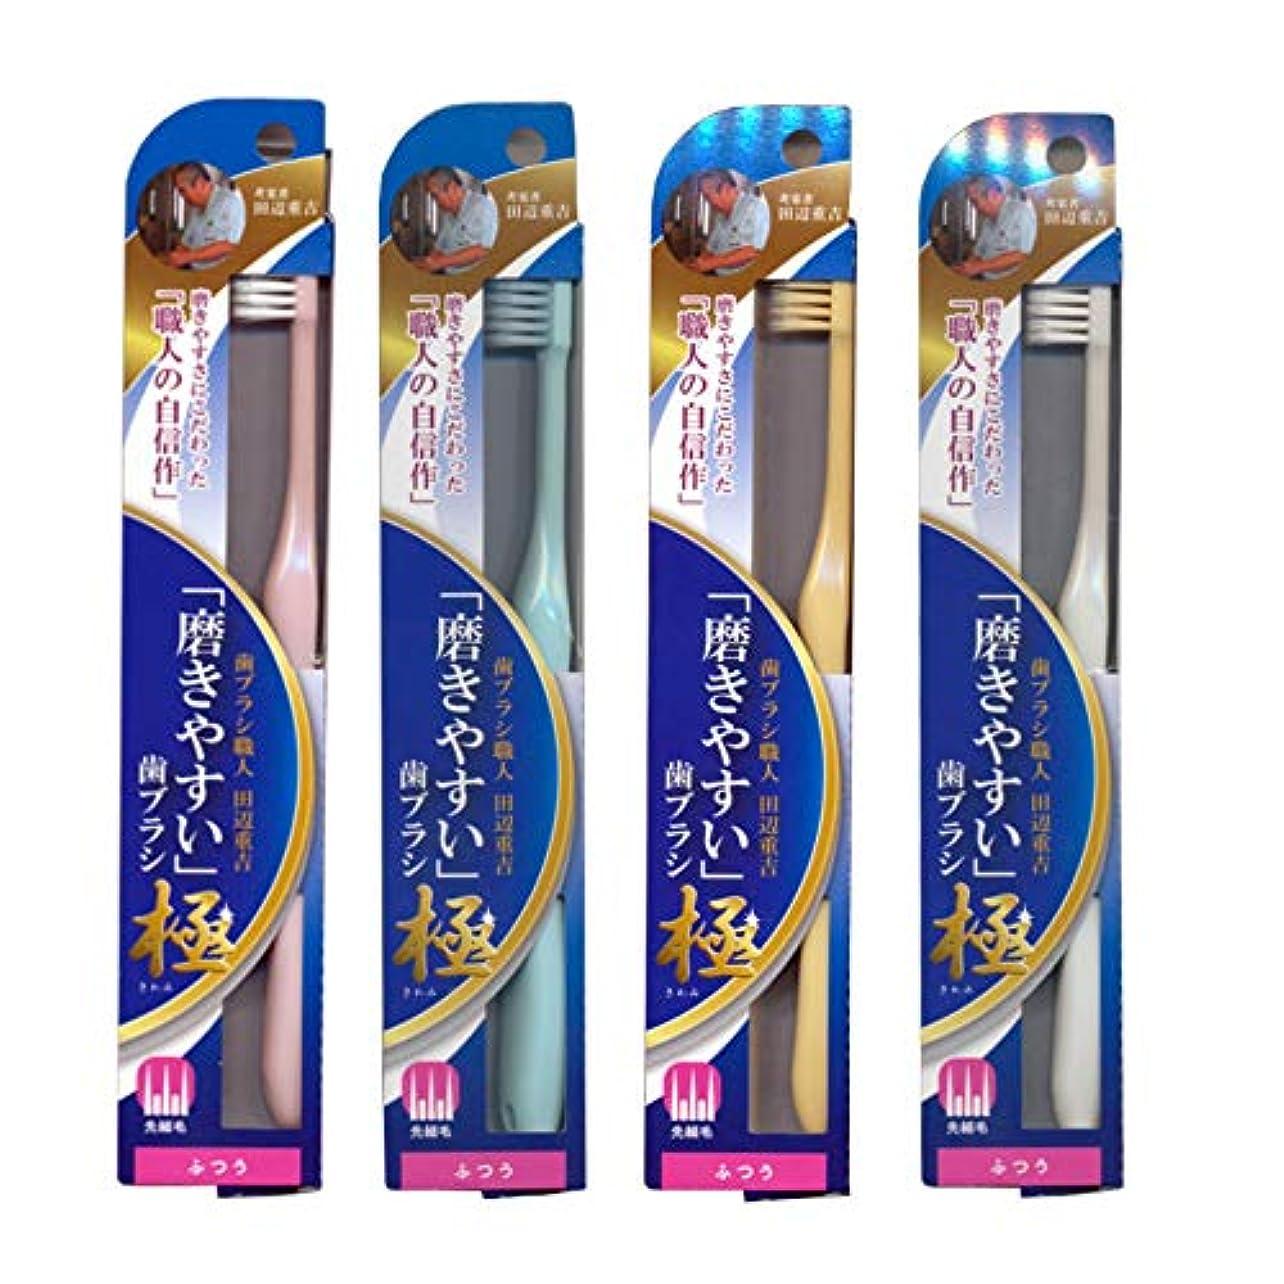 手がかりランドリーごみ磨きやすい歯ブラシ極 (ふつう) LT-44×4本セット(ピンク×1、ブルー×1、ホワイト×1、イエロー×1)先細毛